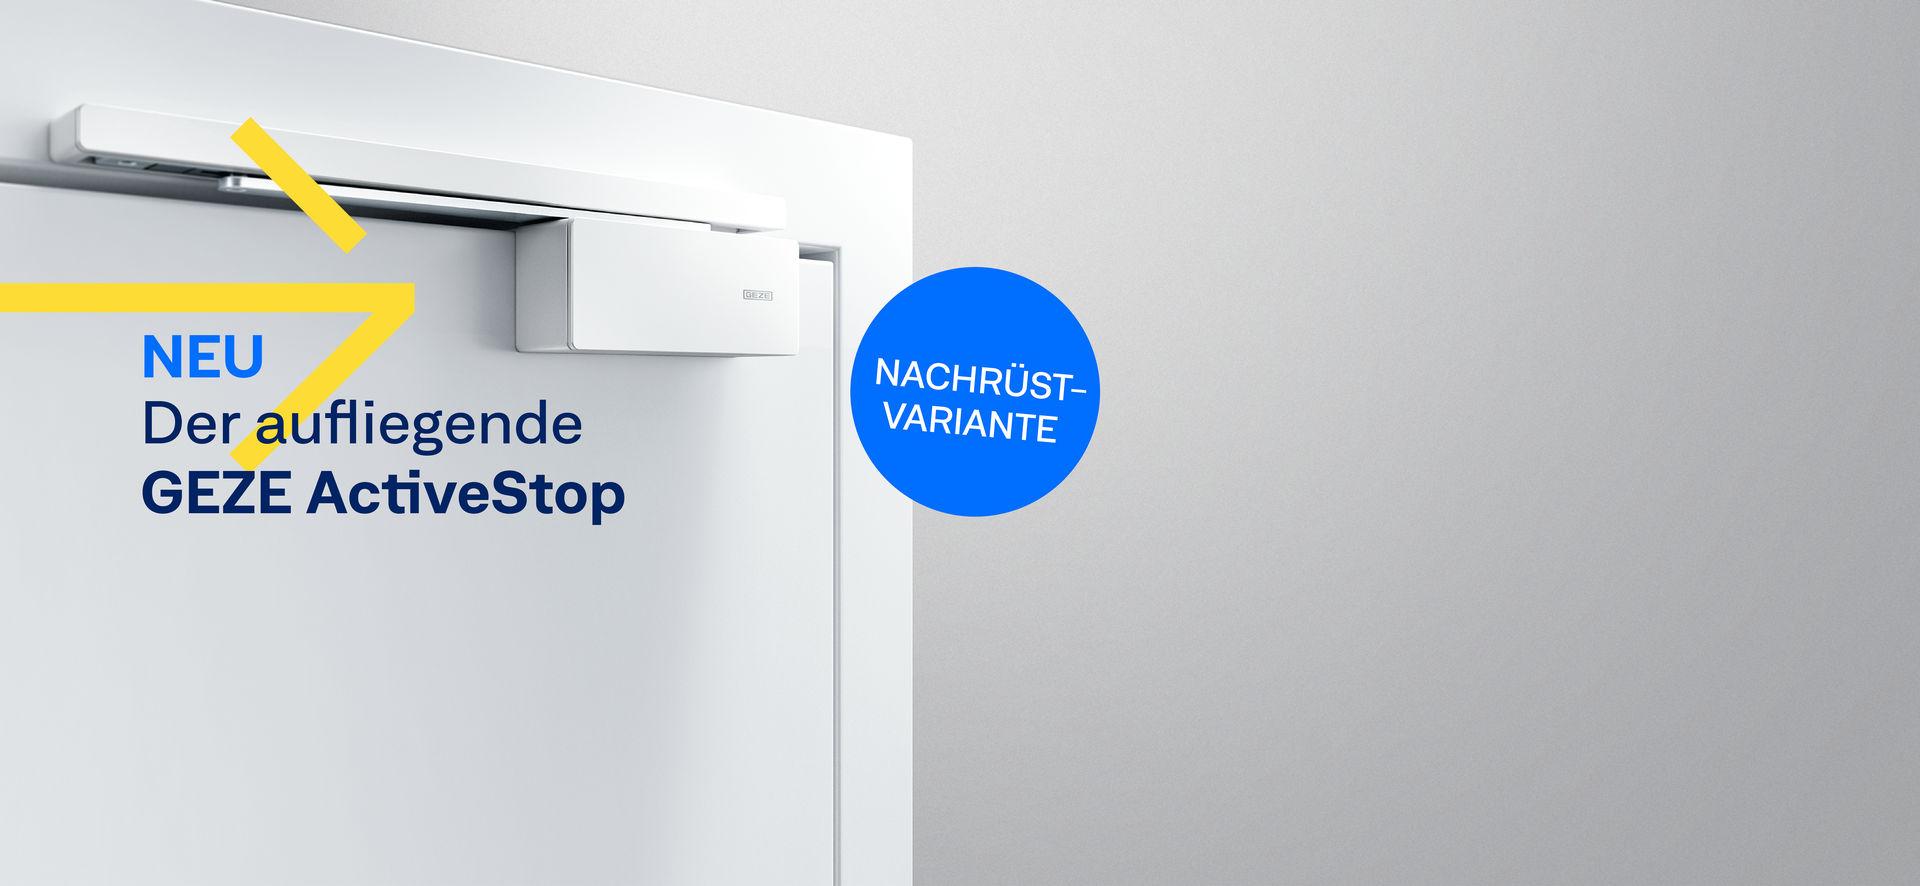 Unser GEZE ActiveStop stoppt Türen sanft, schließt sie leise und hält sie komfortabel offen. Neben der bewährten integrierten Variante bieten wir nun eine aufliegende Variante zur simplen Nachrüstung.